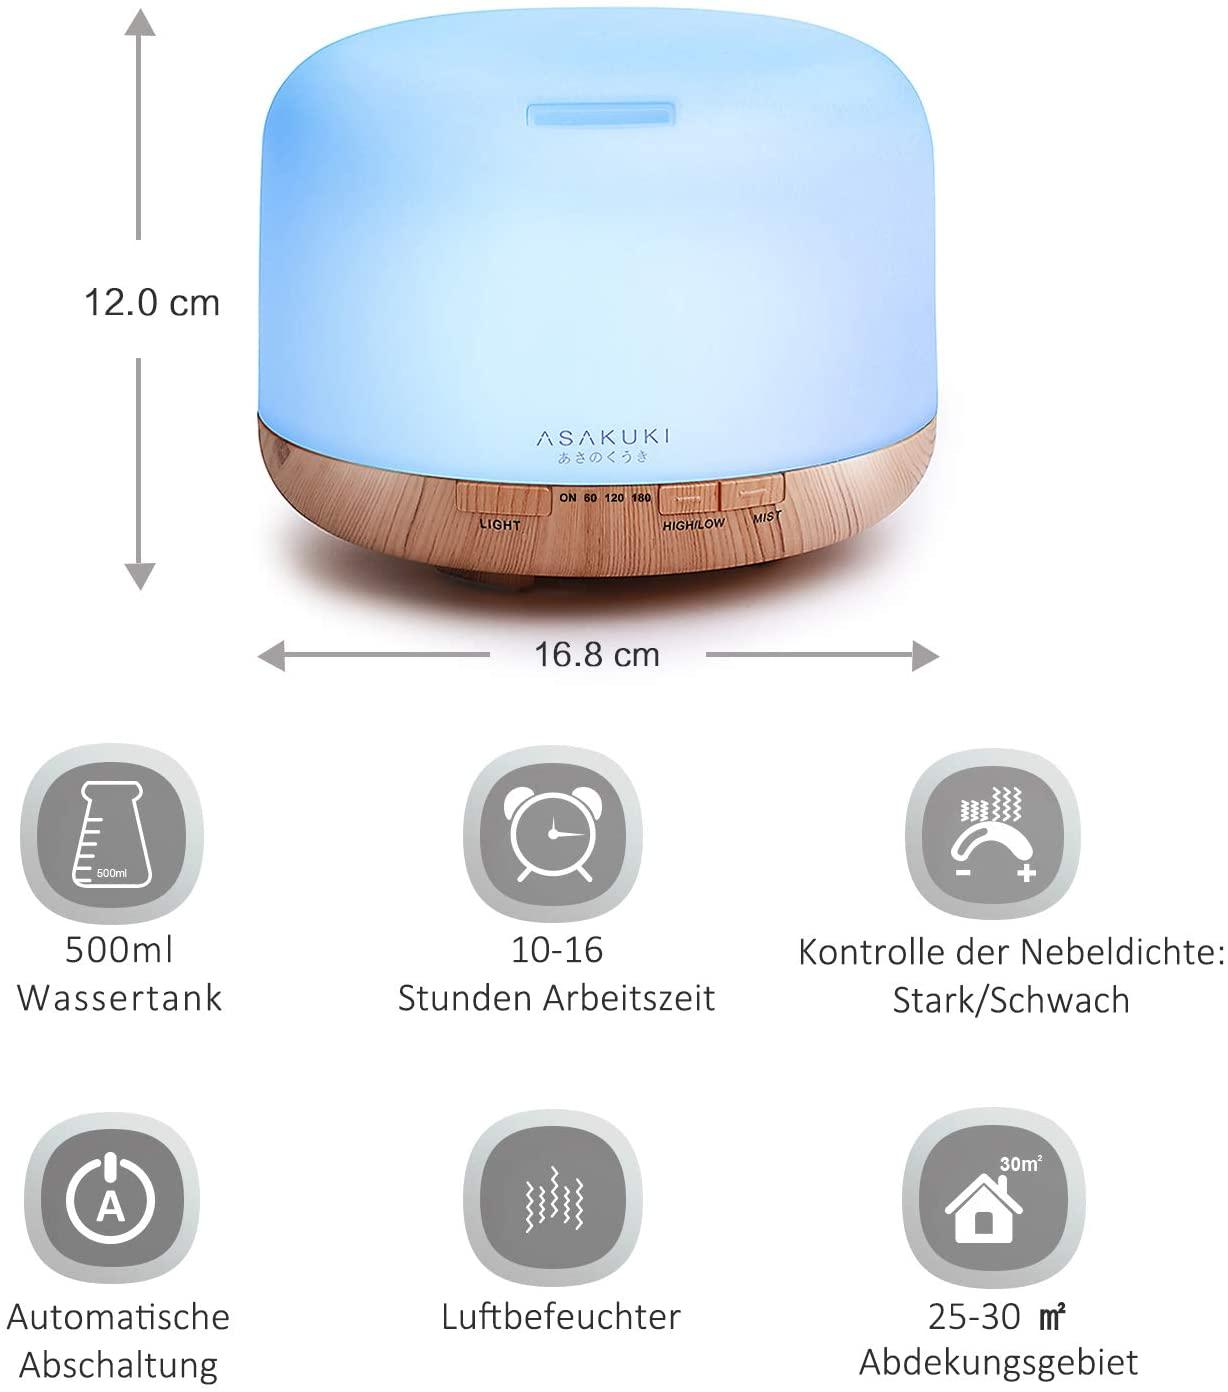 ASAKUKI 500ml Aroma Diffuser, Ultraschall Aromatherapie Diffuser für Ätherische Öle